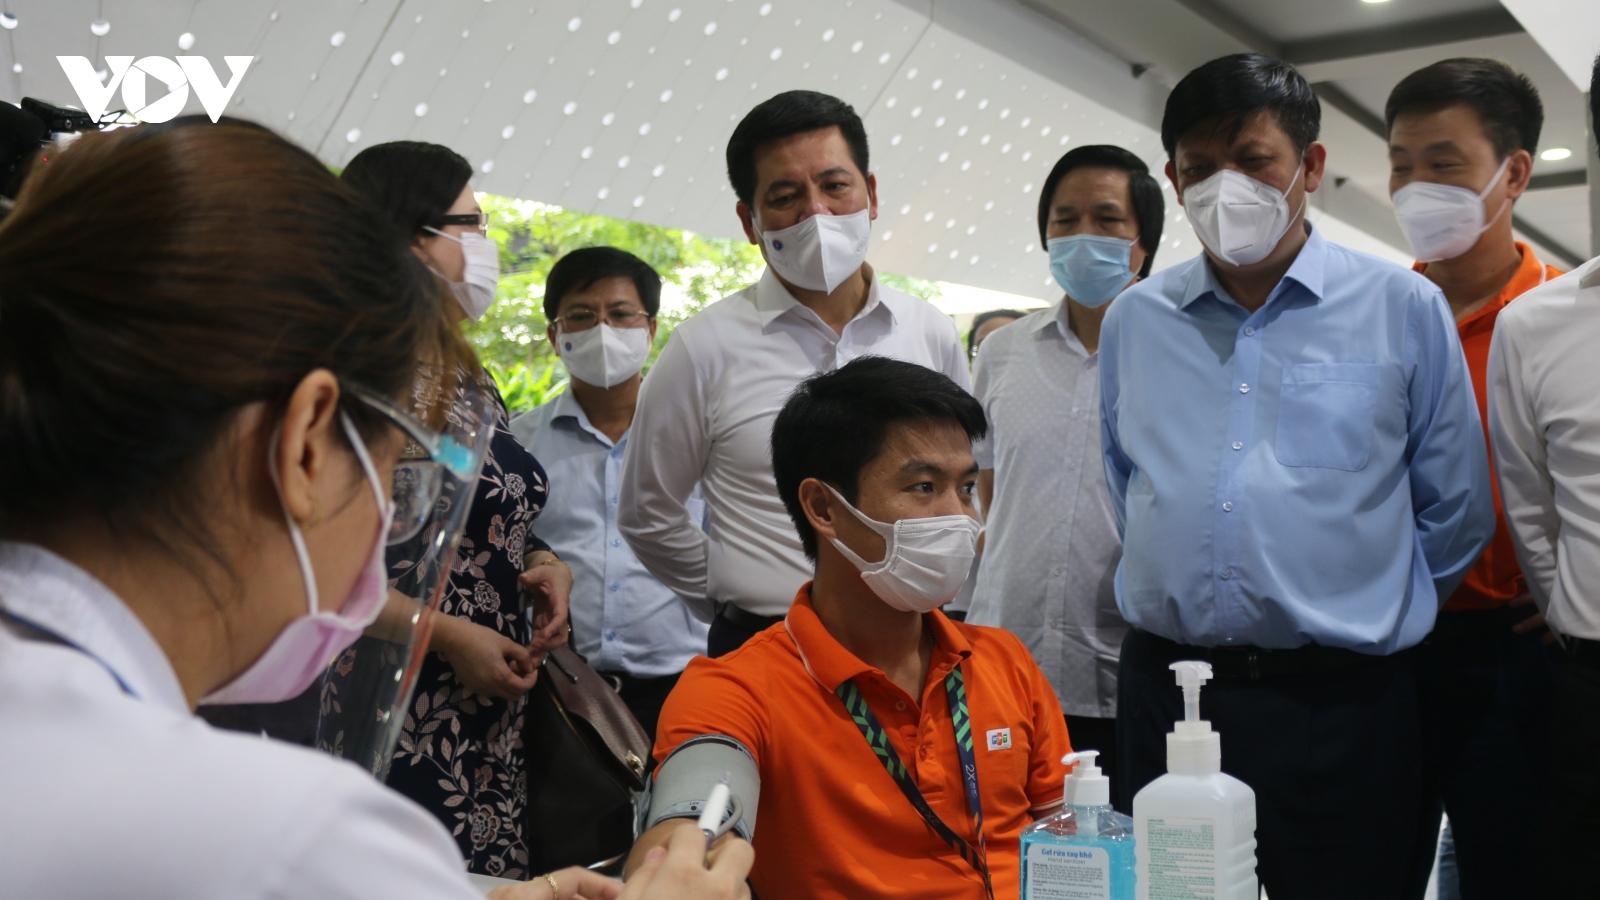 Bộ Y tế sẽ ưu tiên cho TP.HCM nếu vaccine về tiếp trong tháng 7/2021